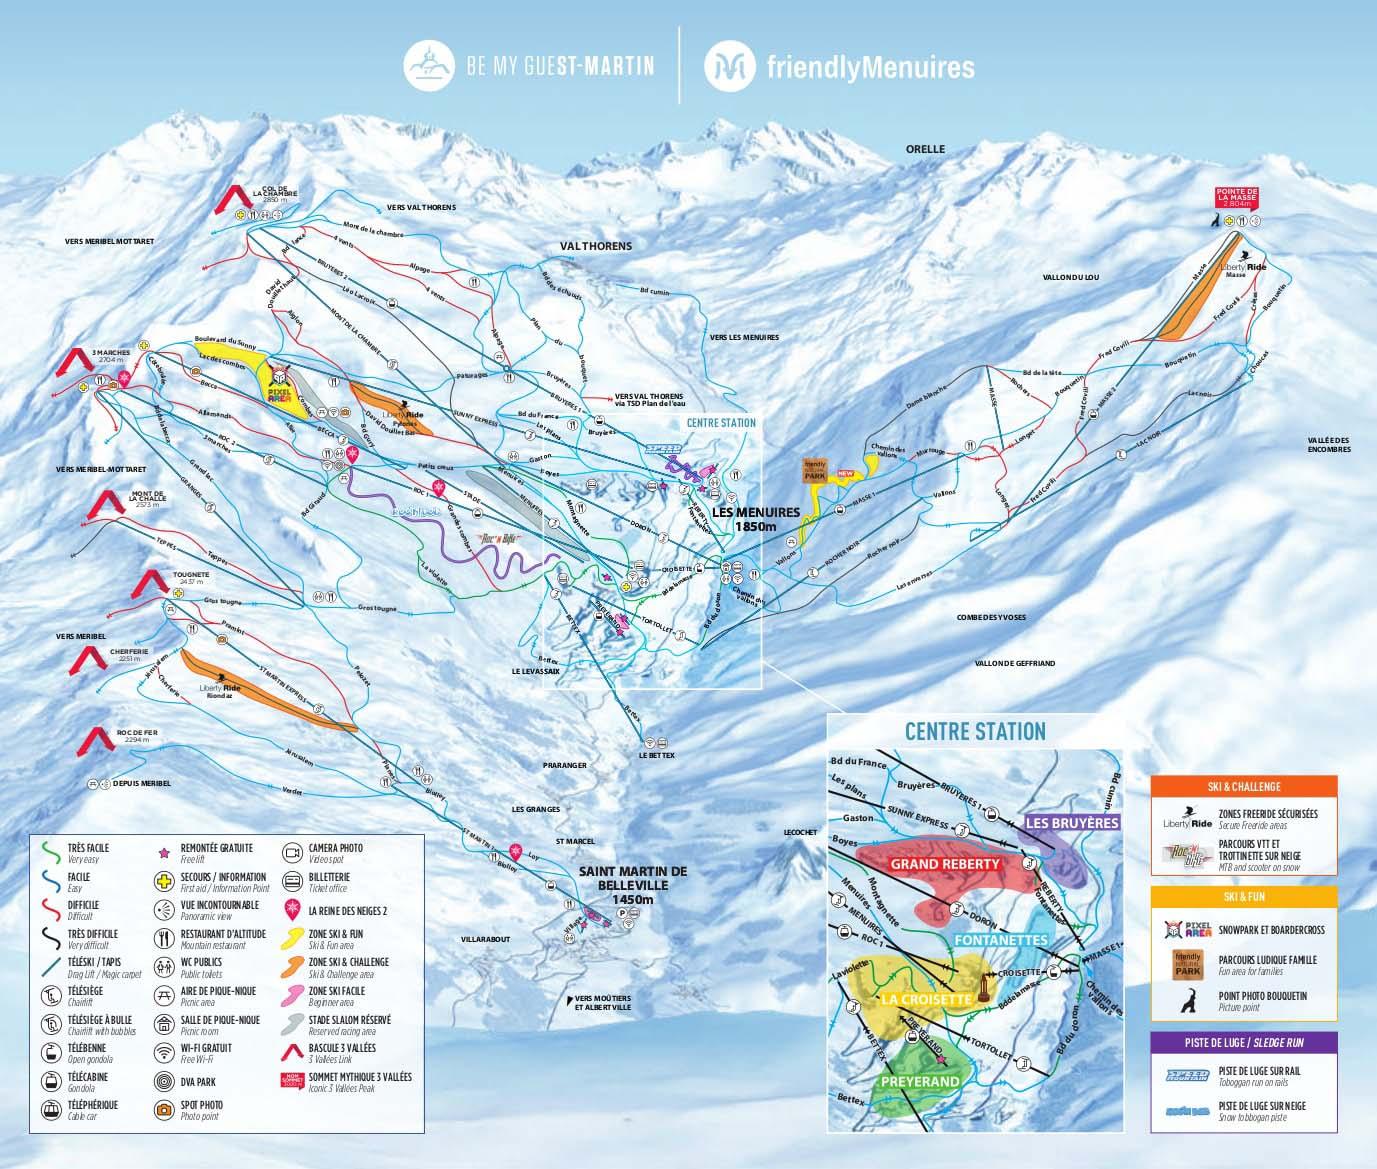 Les Menuires Piste Map